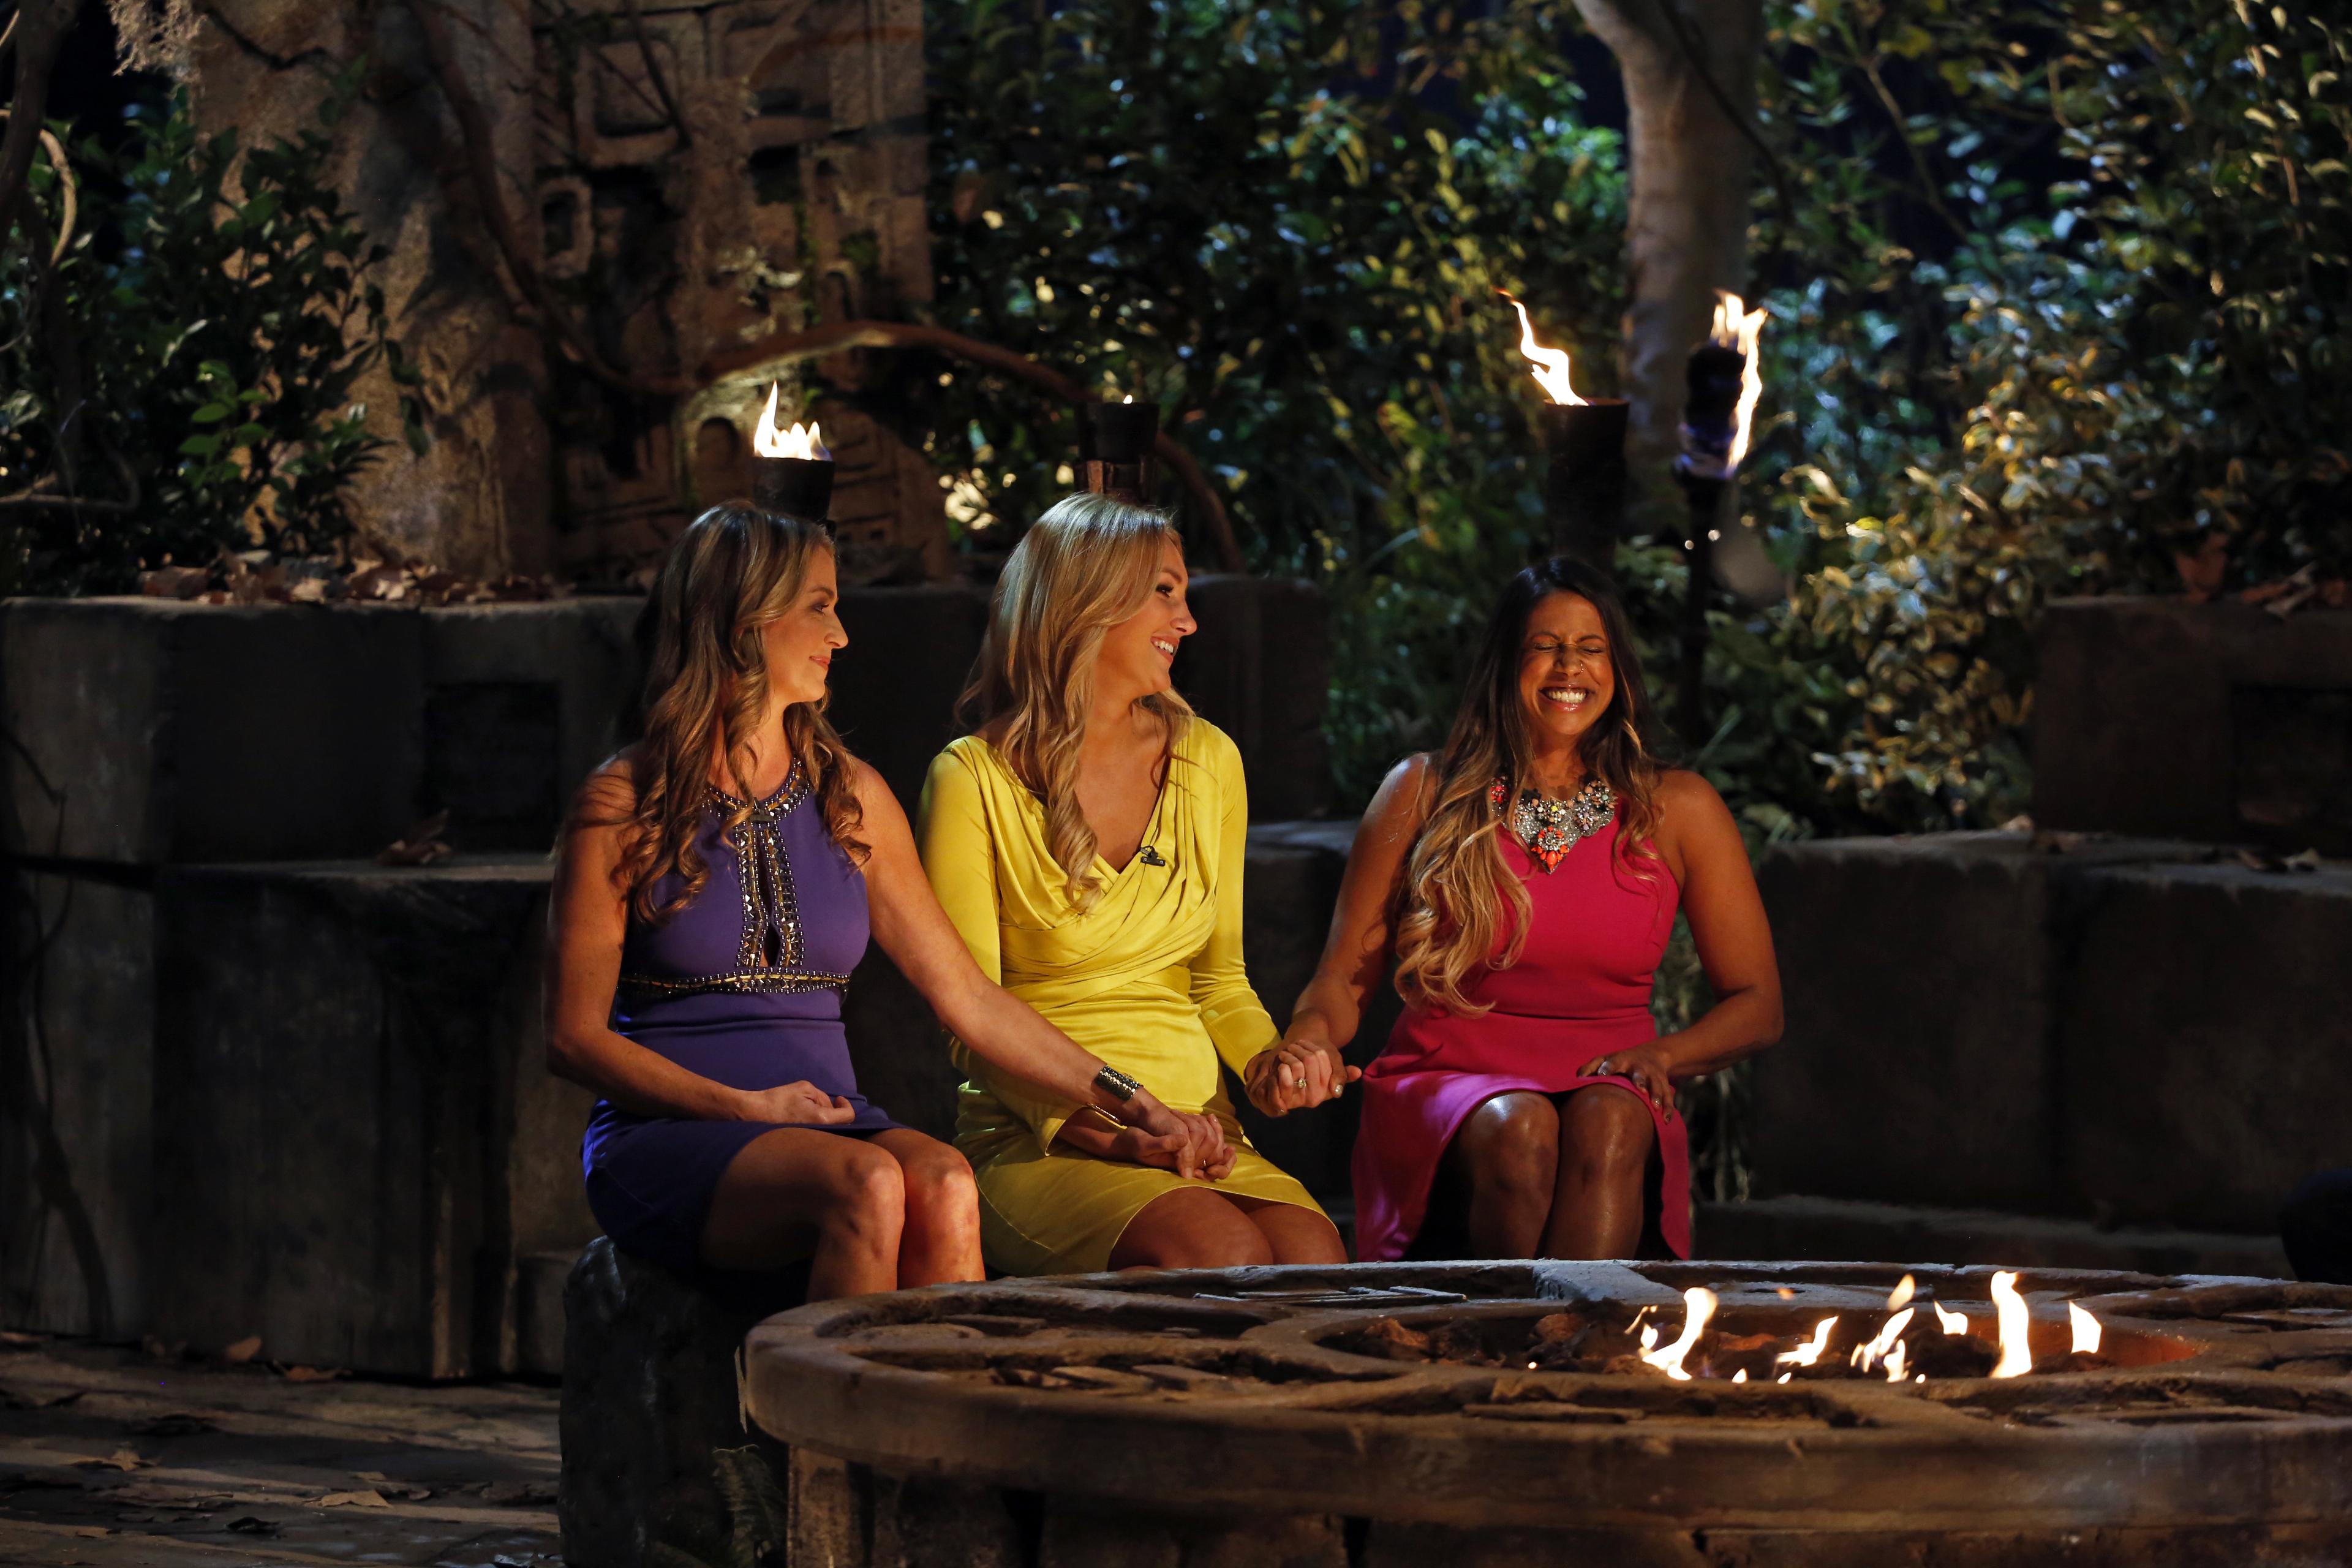 Missy, Jaclyn and Natalie